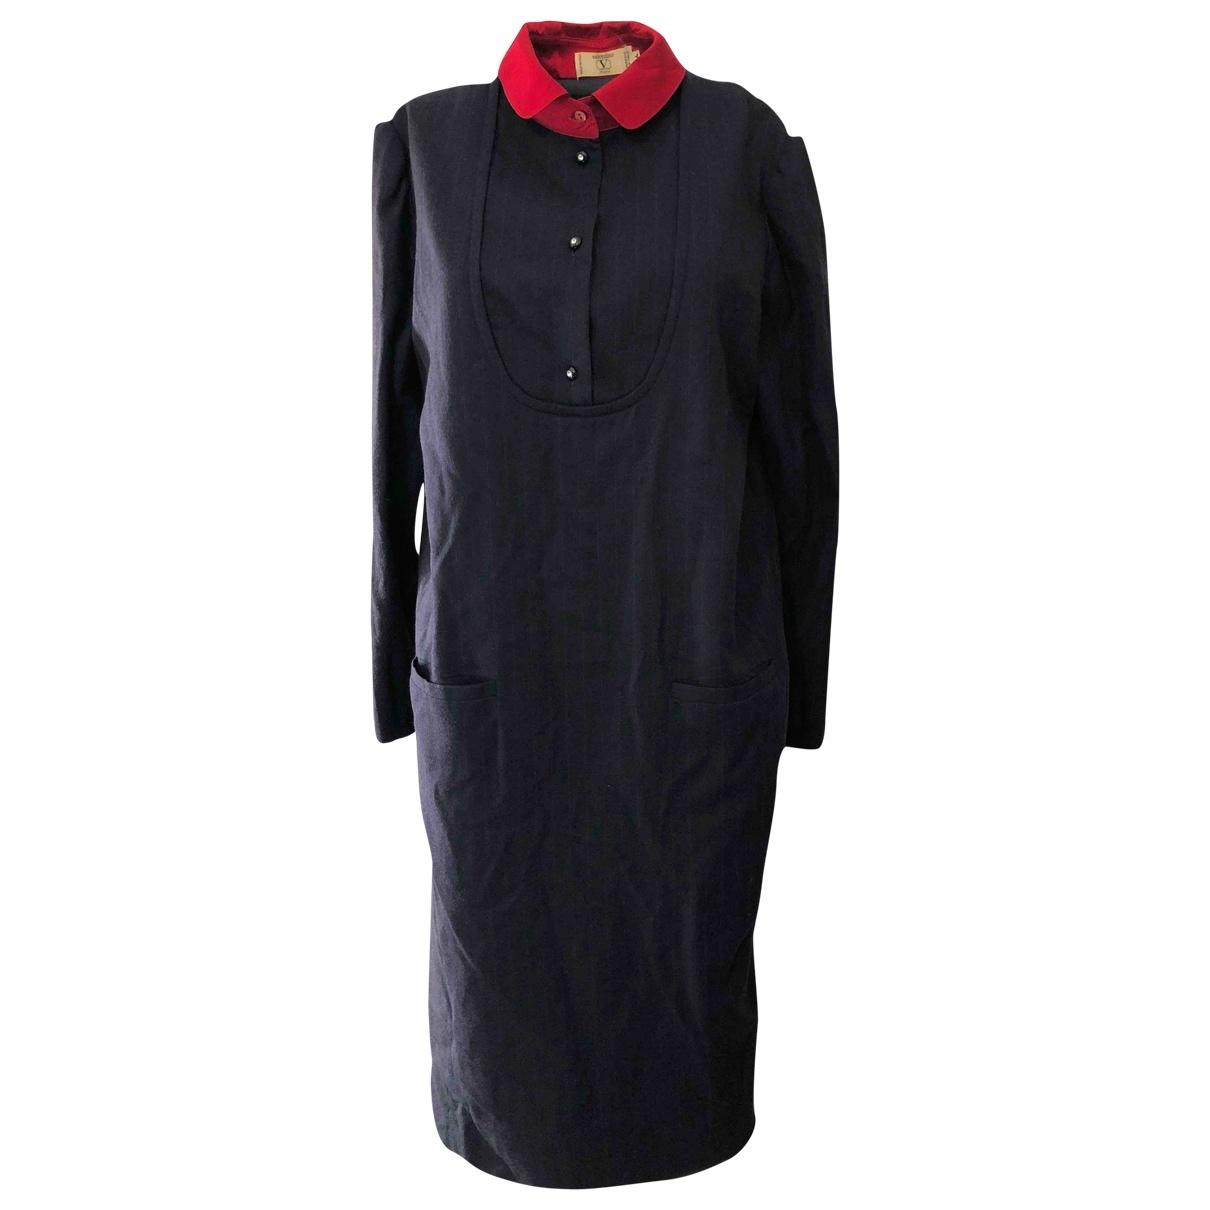 Maxi vestido de Lana Valentino Garavani